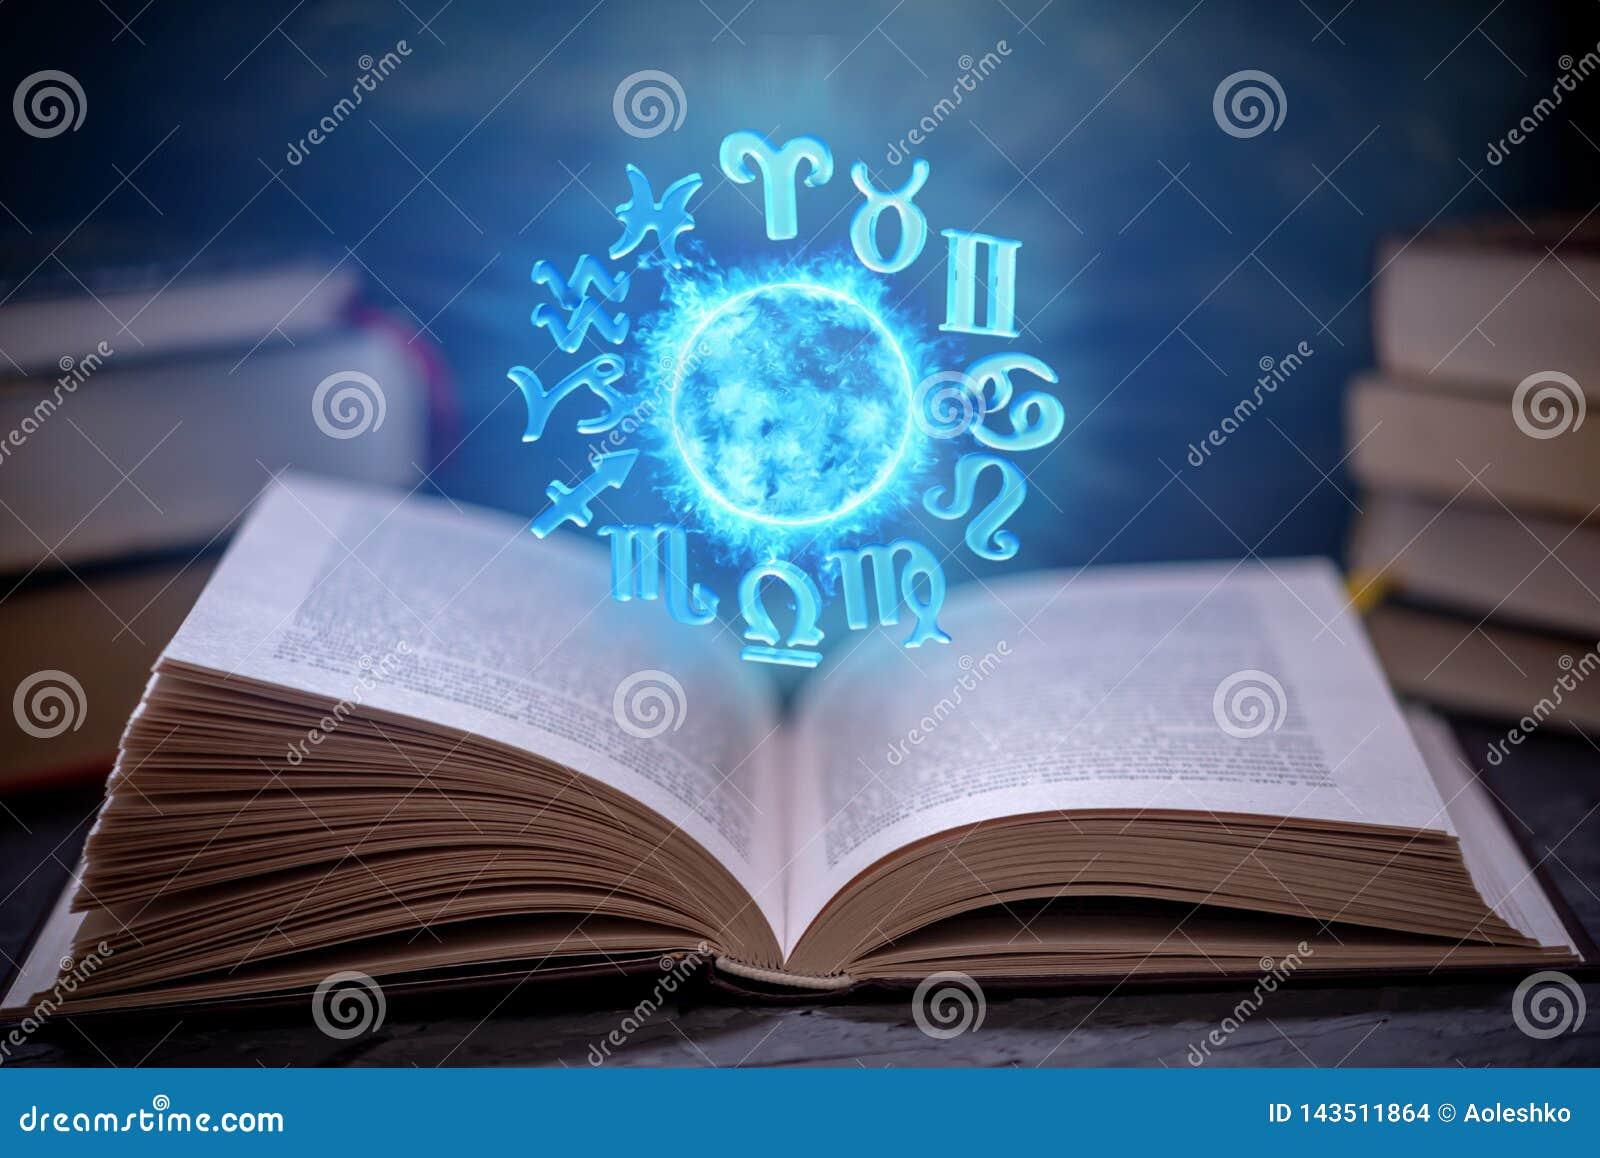 Livre ouvert sur l astrologie sur un fond foncé Le globe magique rougeoyant avec des signes du zodiaque dans la lumière bleue